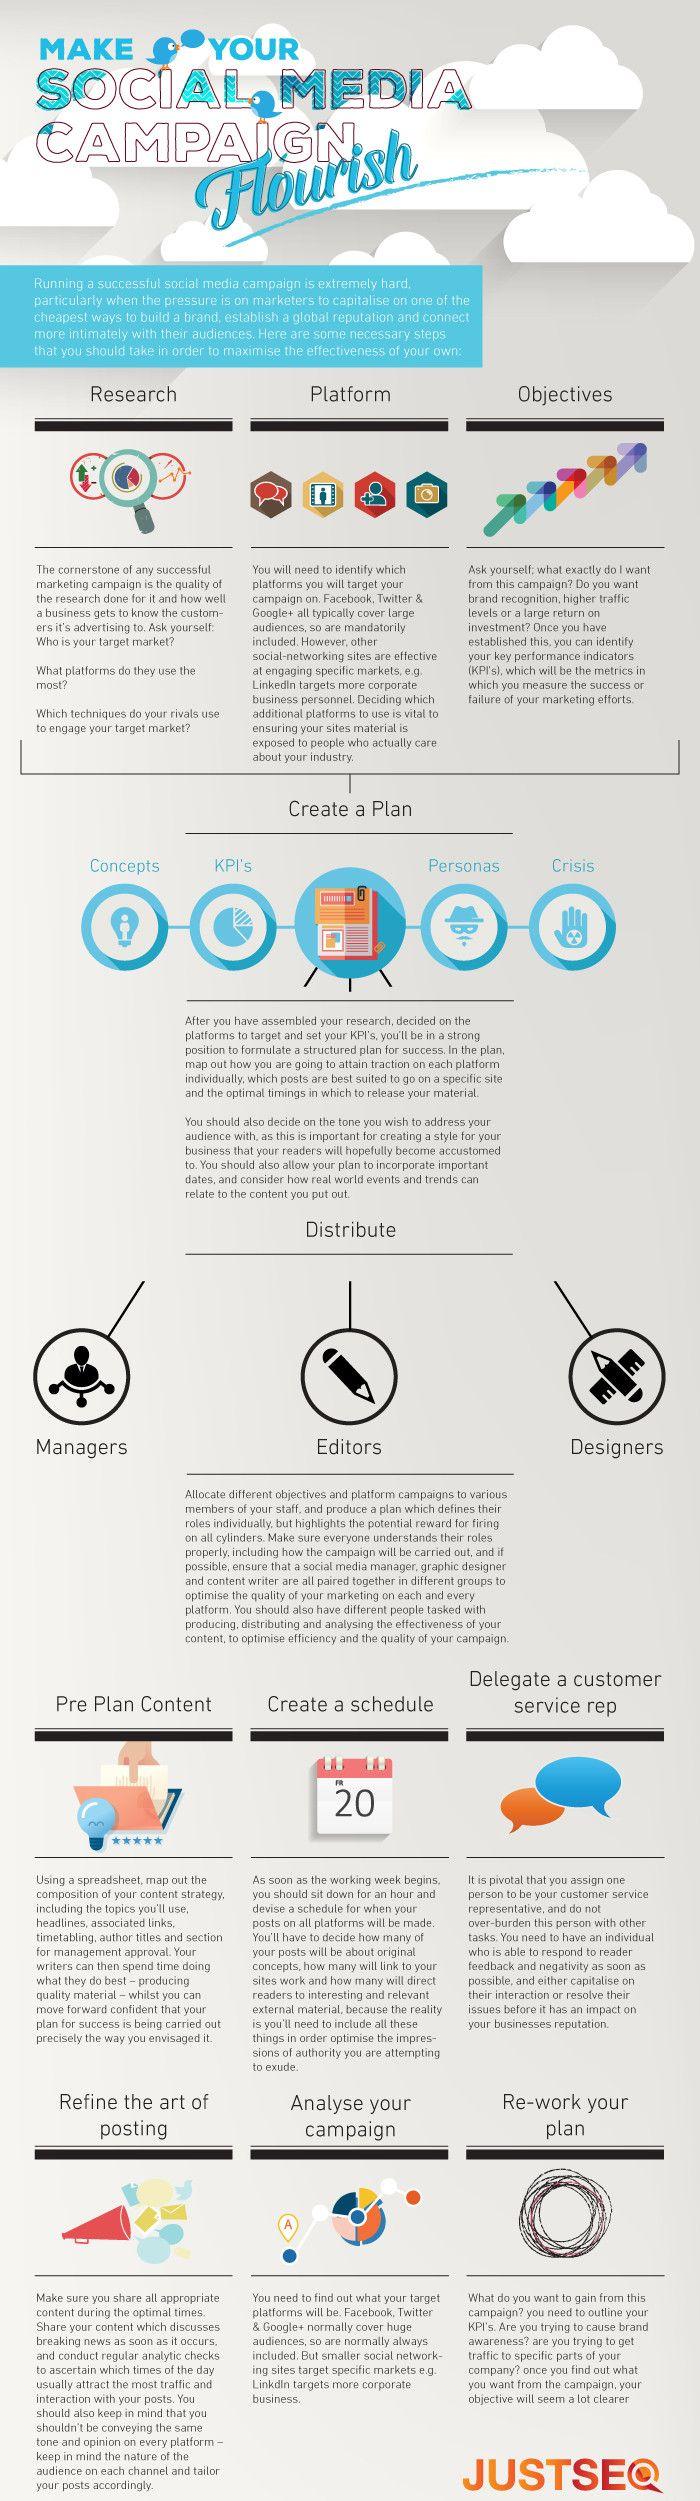 Checklistan för kampanj i sociala medier